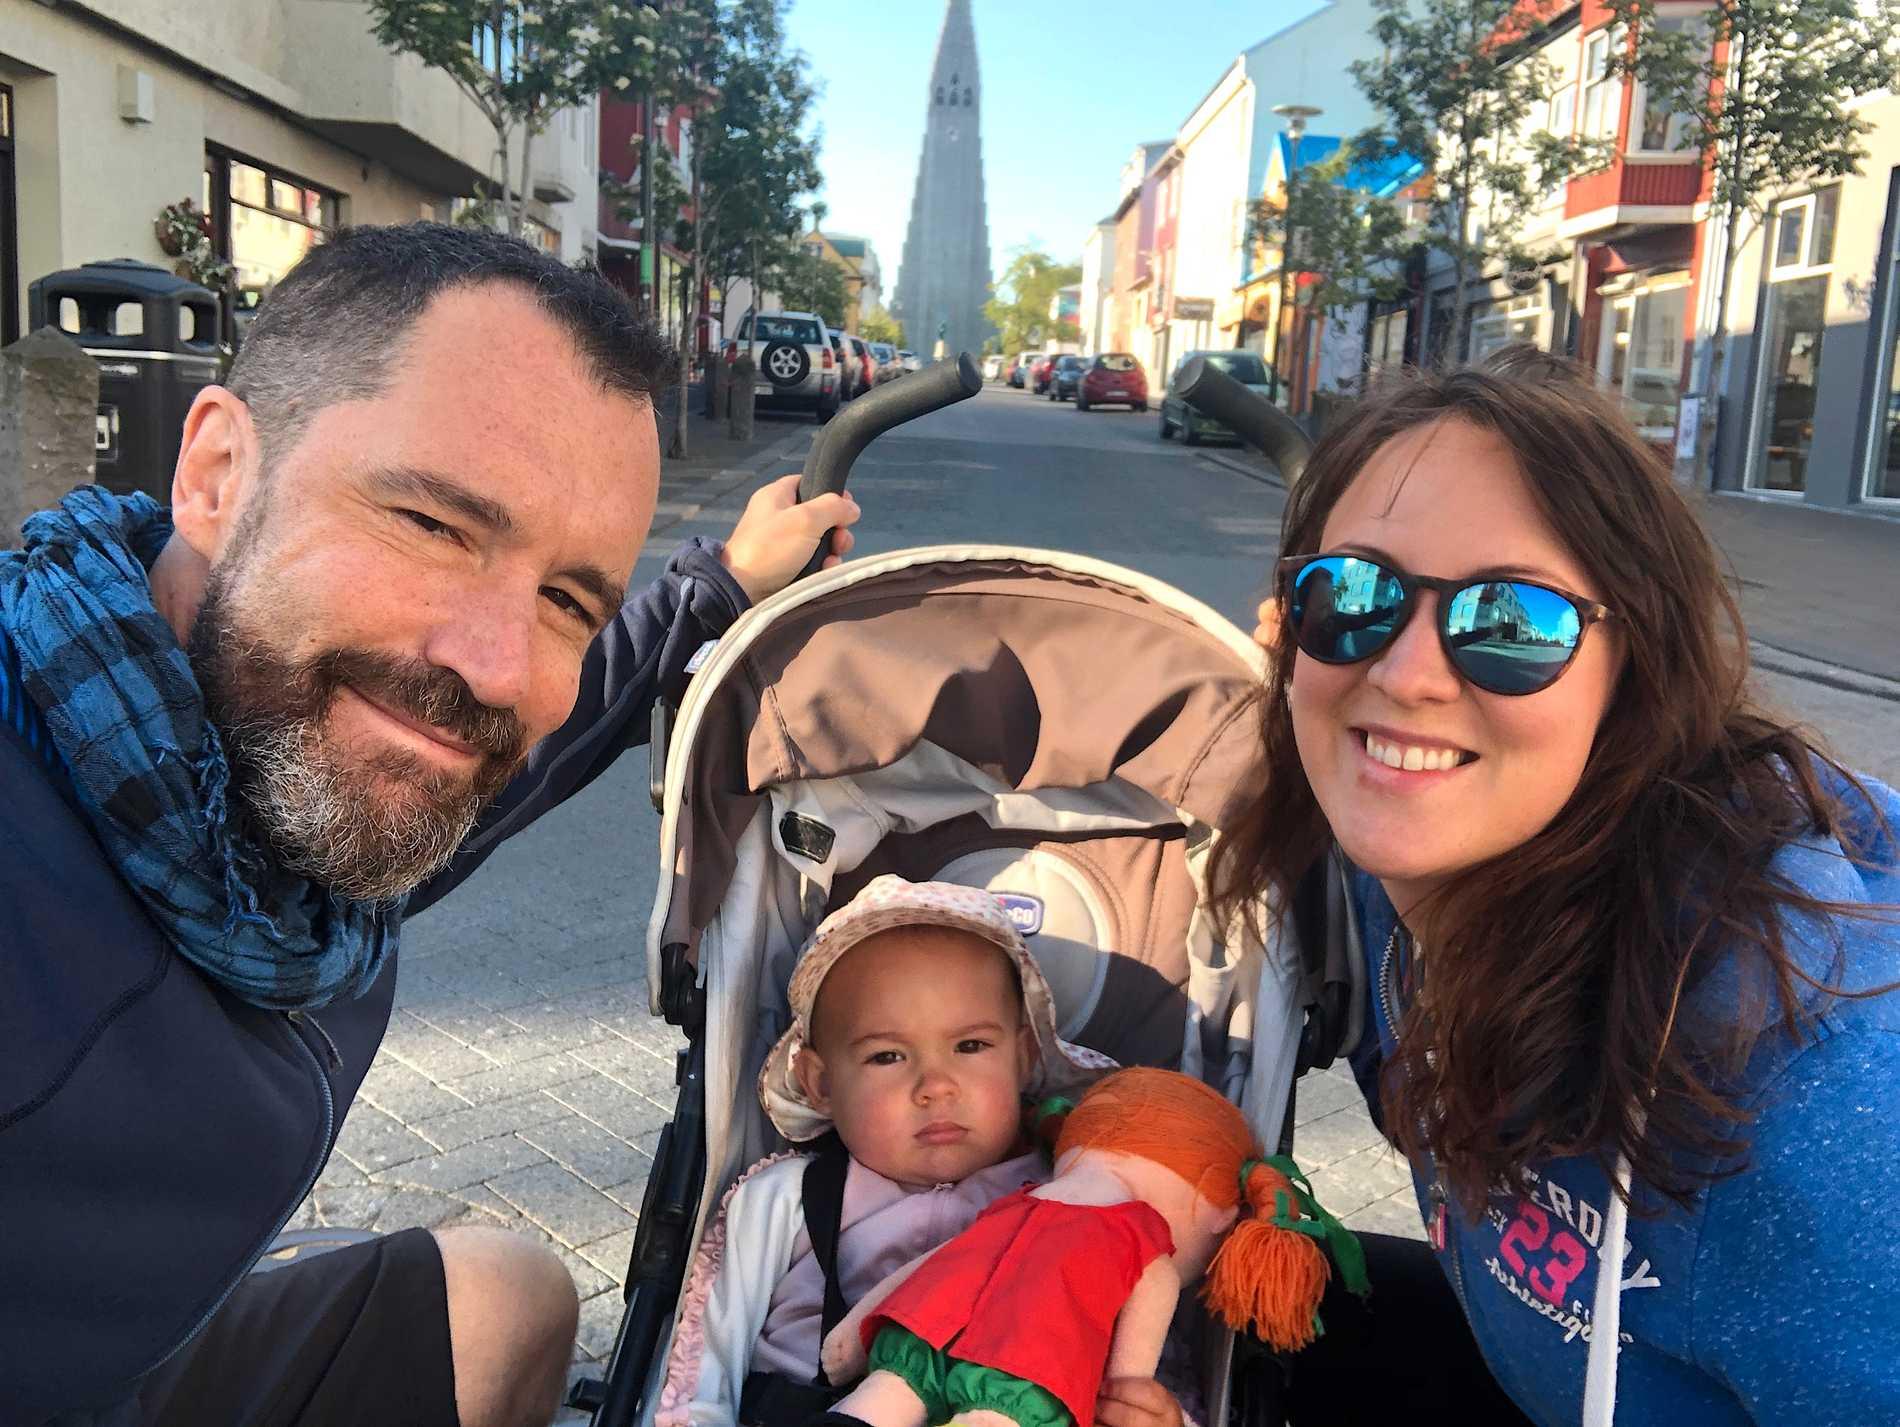 Familjen brukar hitta inspiration under resor, här är de i Reykjavik, Island.